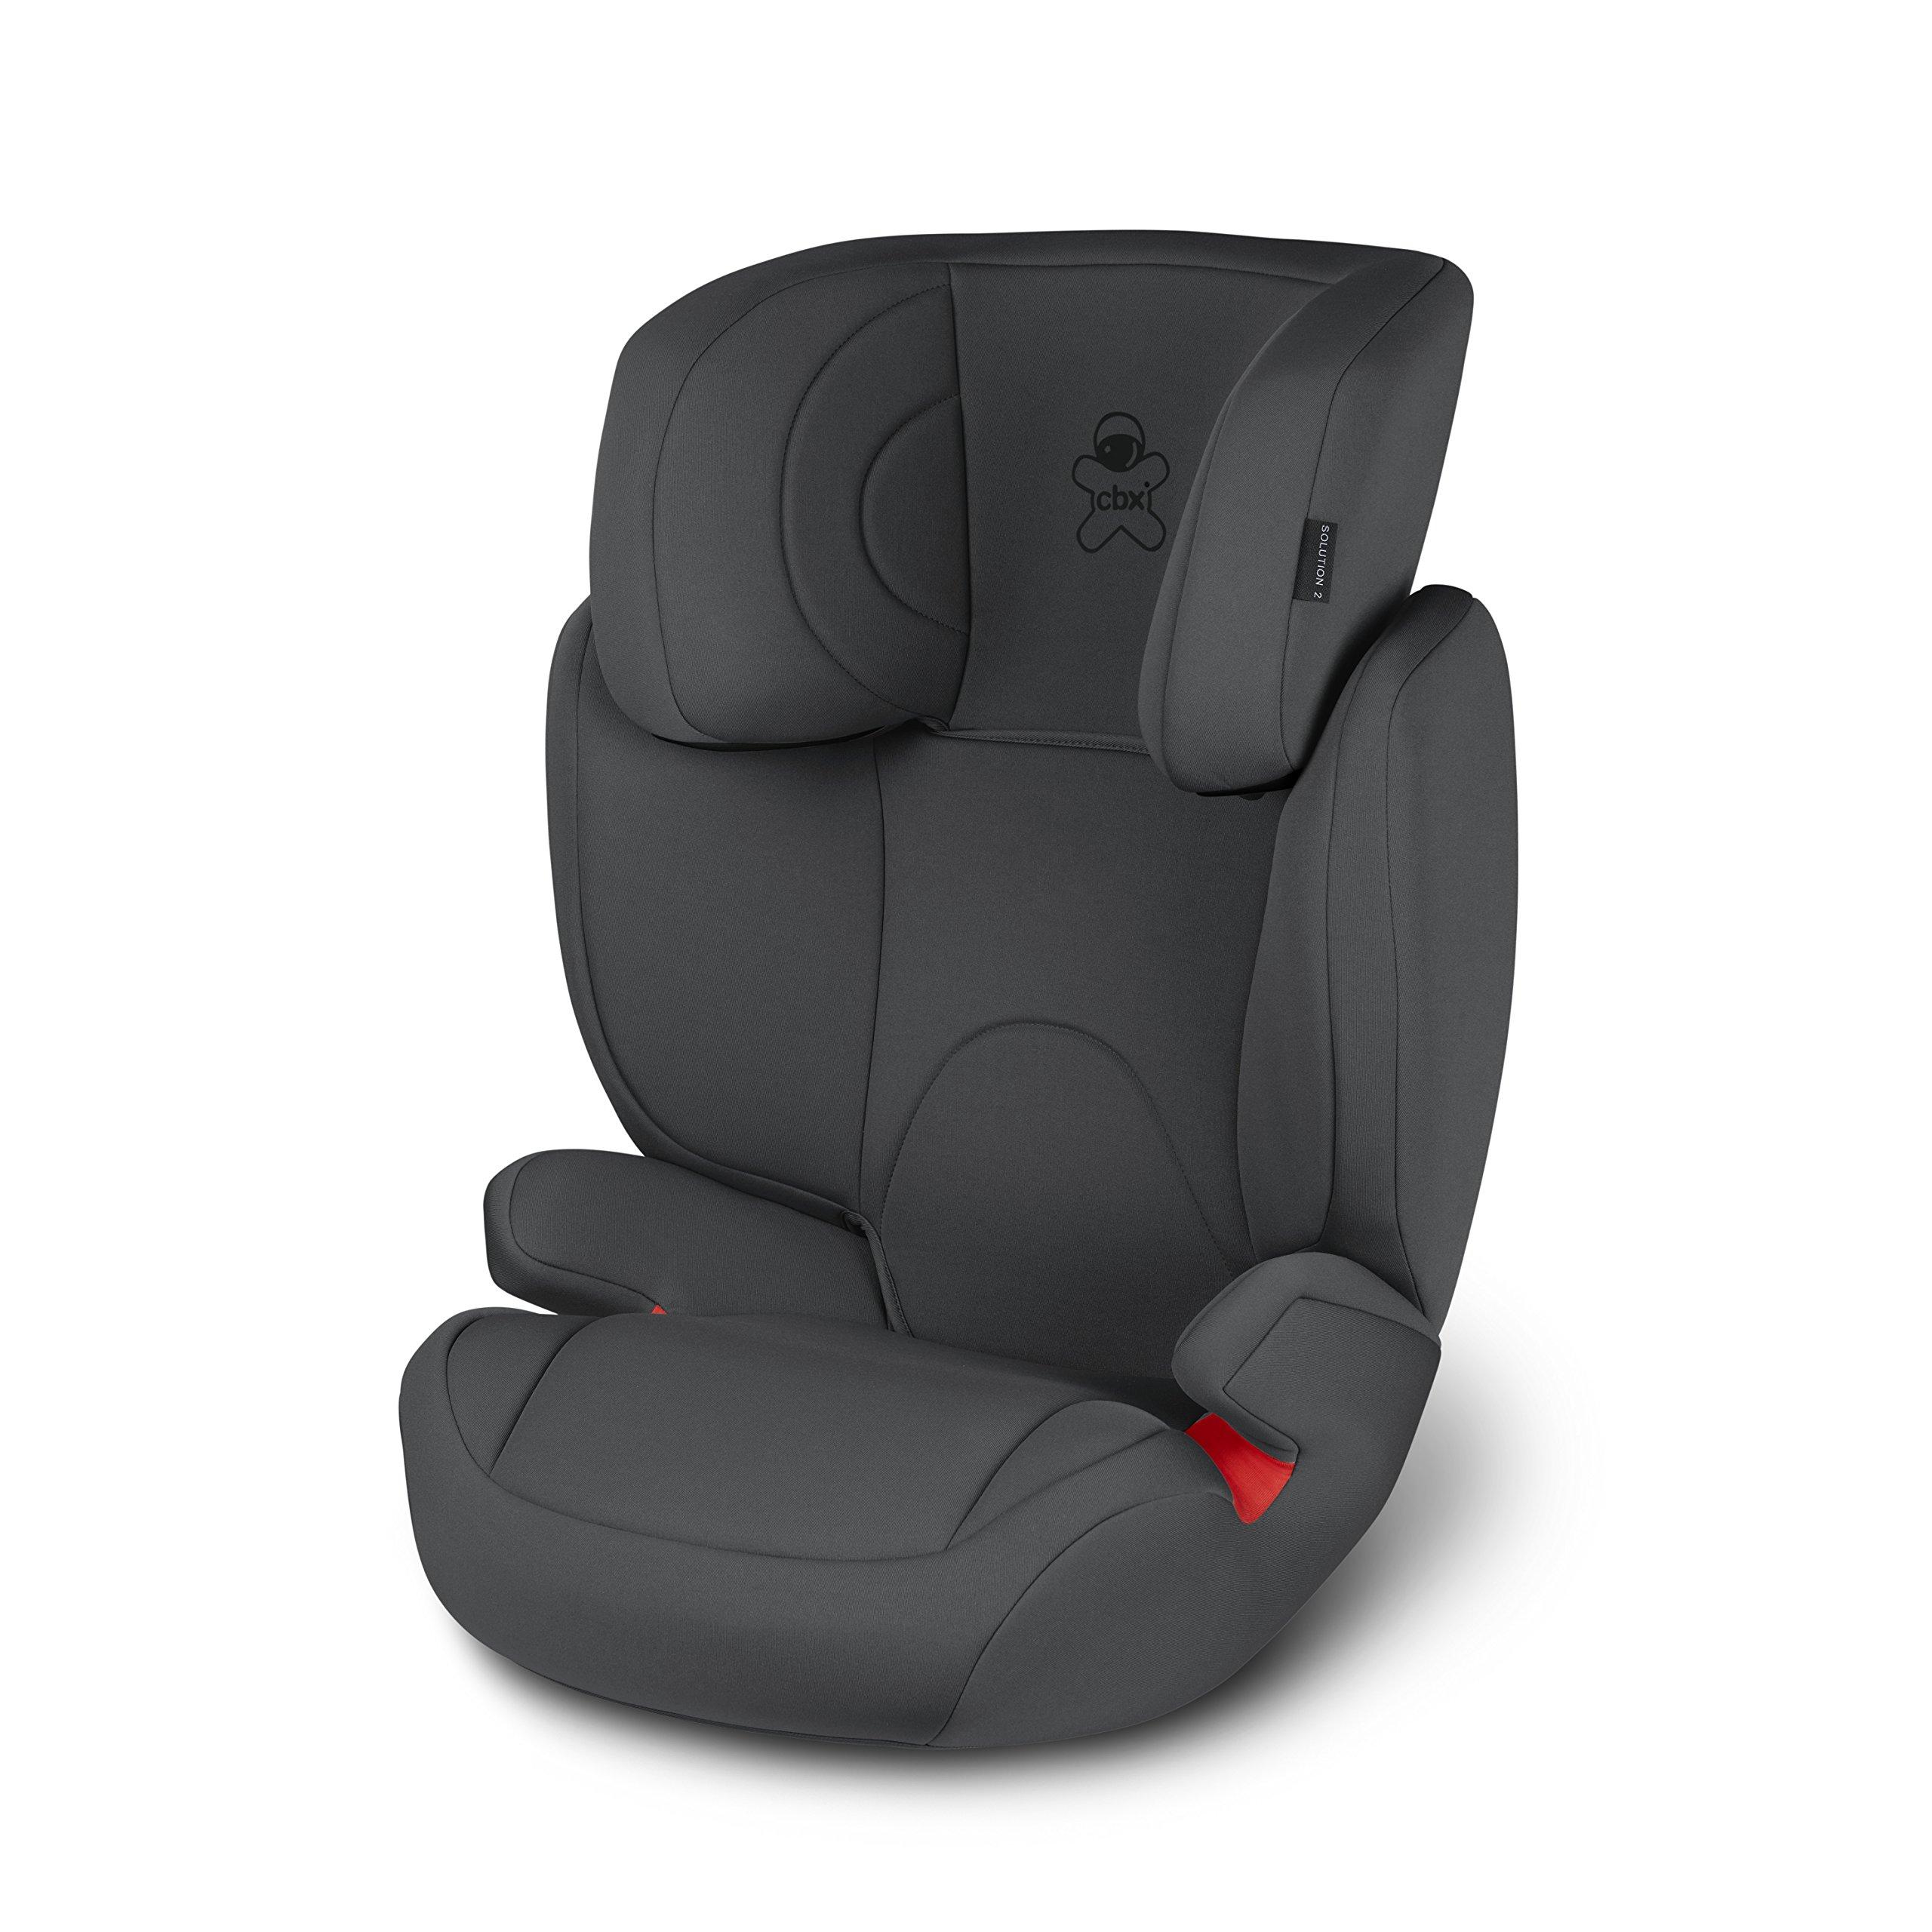 cbx kinder autositz solution 2 gruppe 2 3 15 36 kg ab. Black Bedroom Furniture Sets. Home Design Ideas